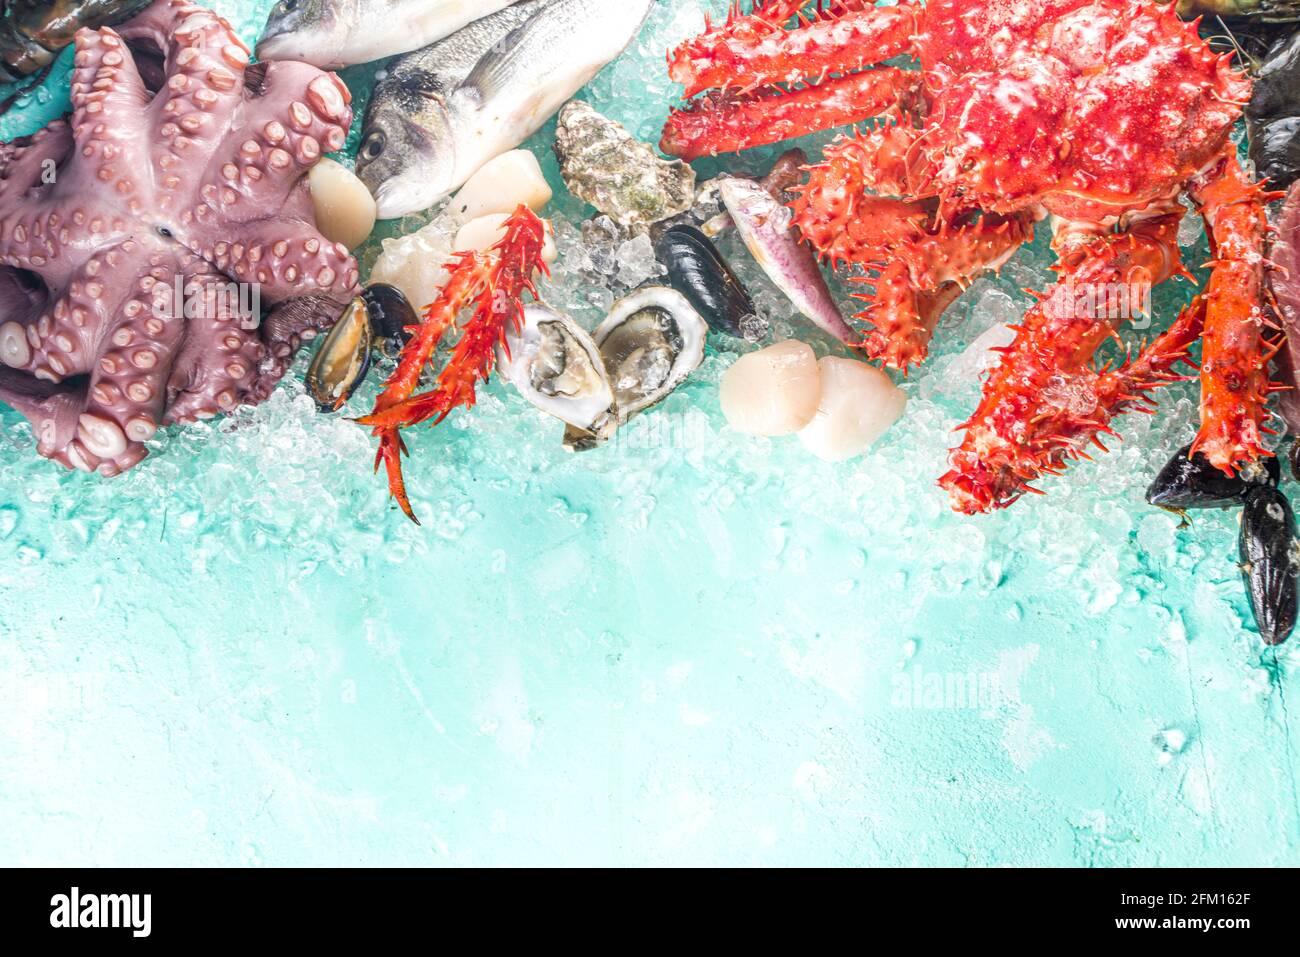 Ensemble de divers fruits de mer frais crus - pieuvre, crabe, calmar, crevettes, huître, moules, saumon thon dorada poisson avec épices d'herbes citron, bleu clair Banque D'Images